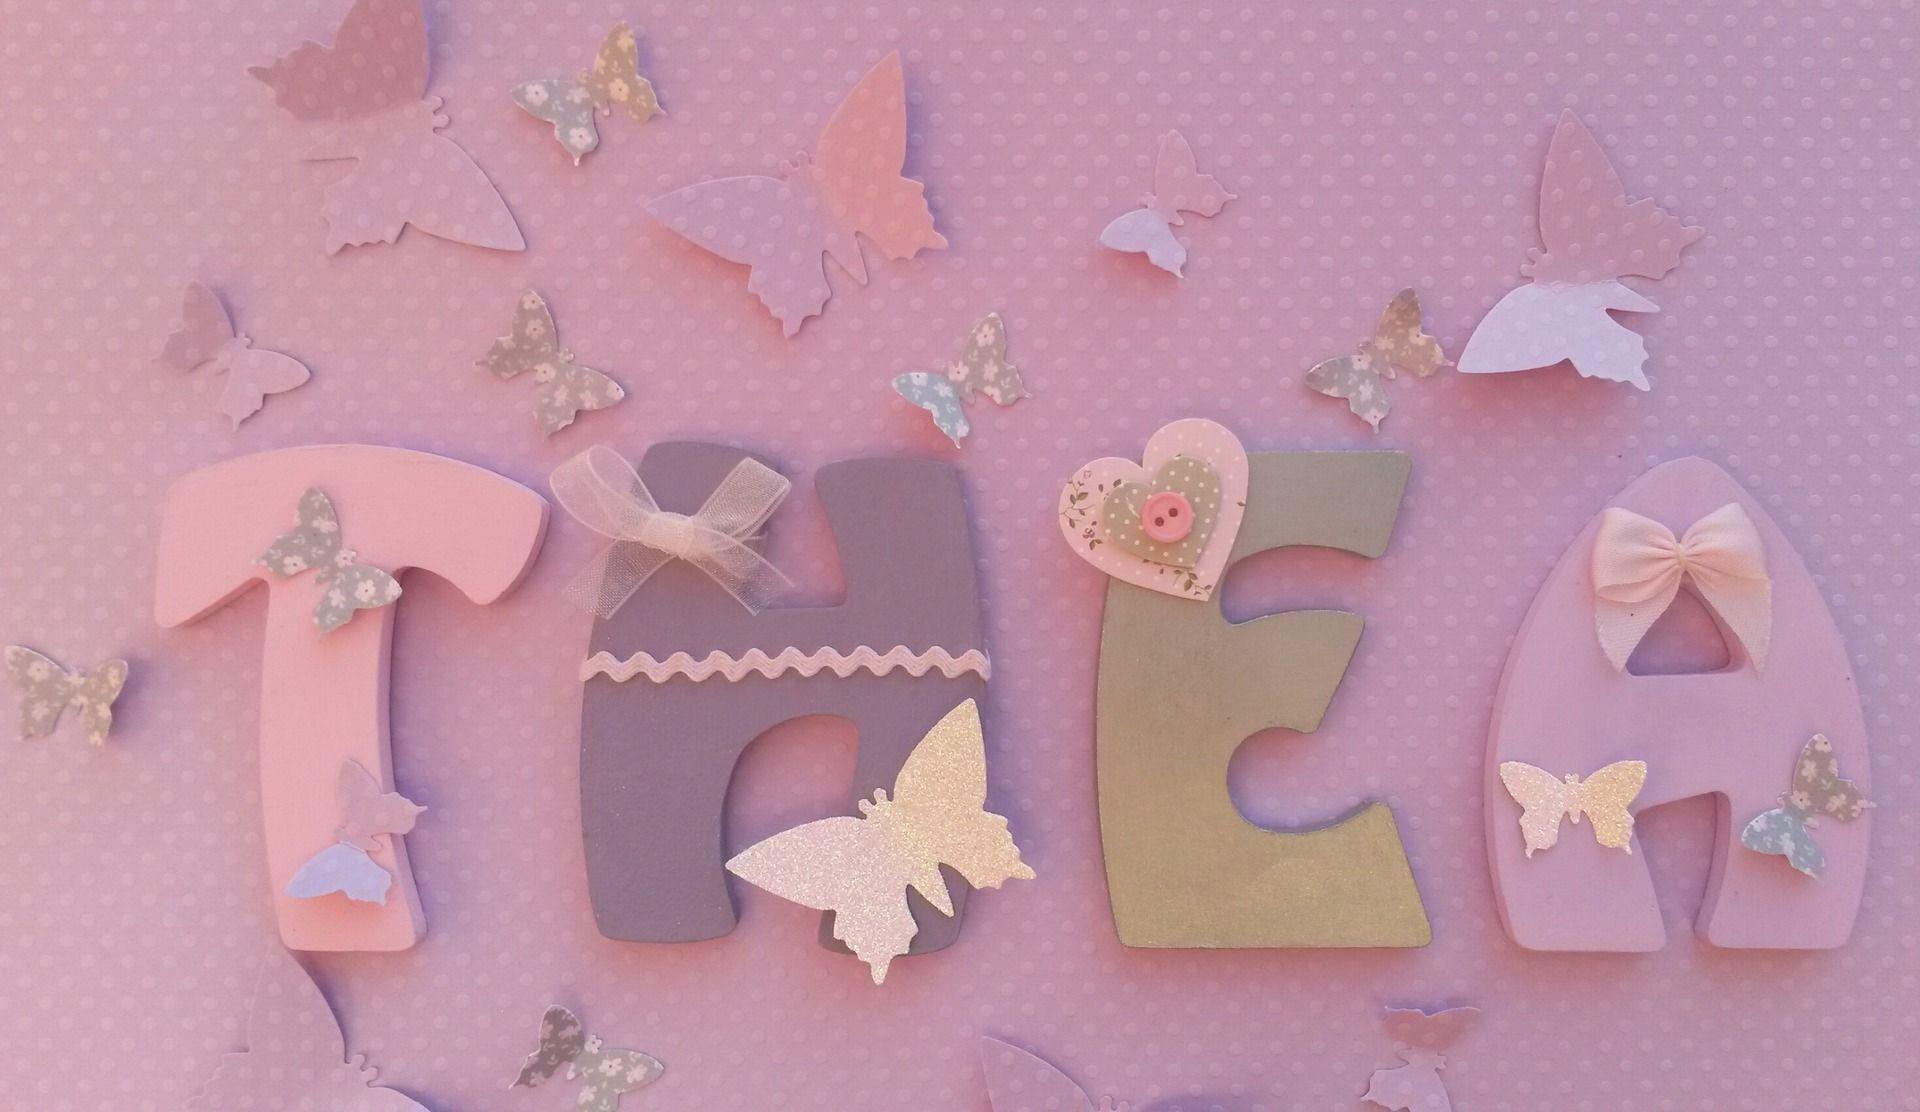 lettres en bois pr nom b b thea 8cm de hauteur d coration pour enfants par joli mai lettres. Black Bedroom Furniture Sets. Home Design Ideas